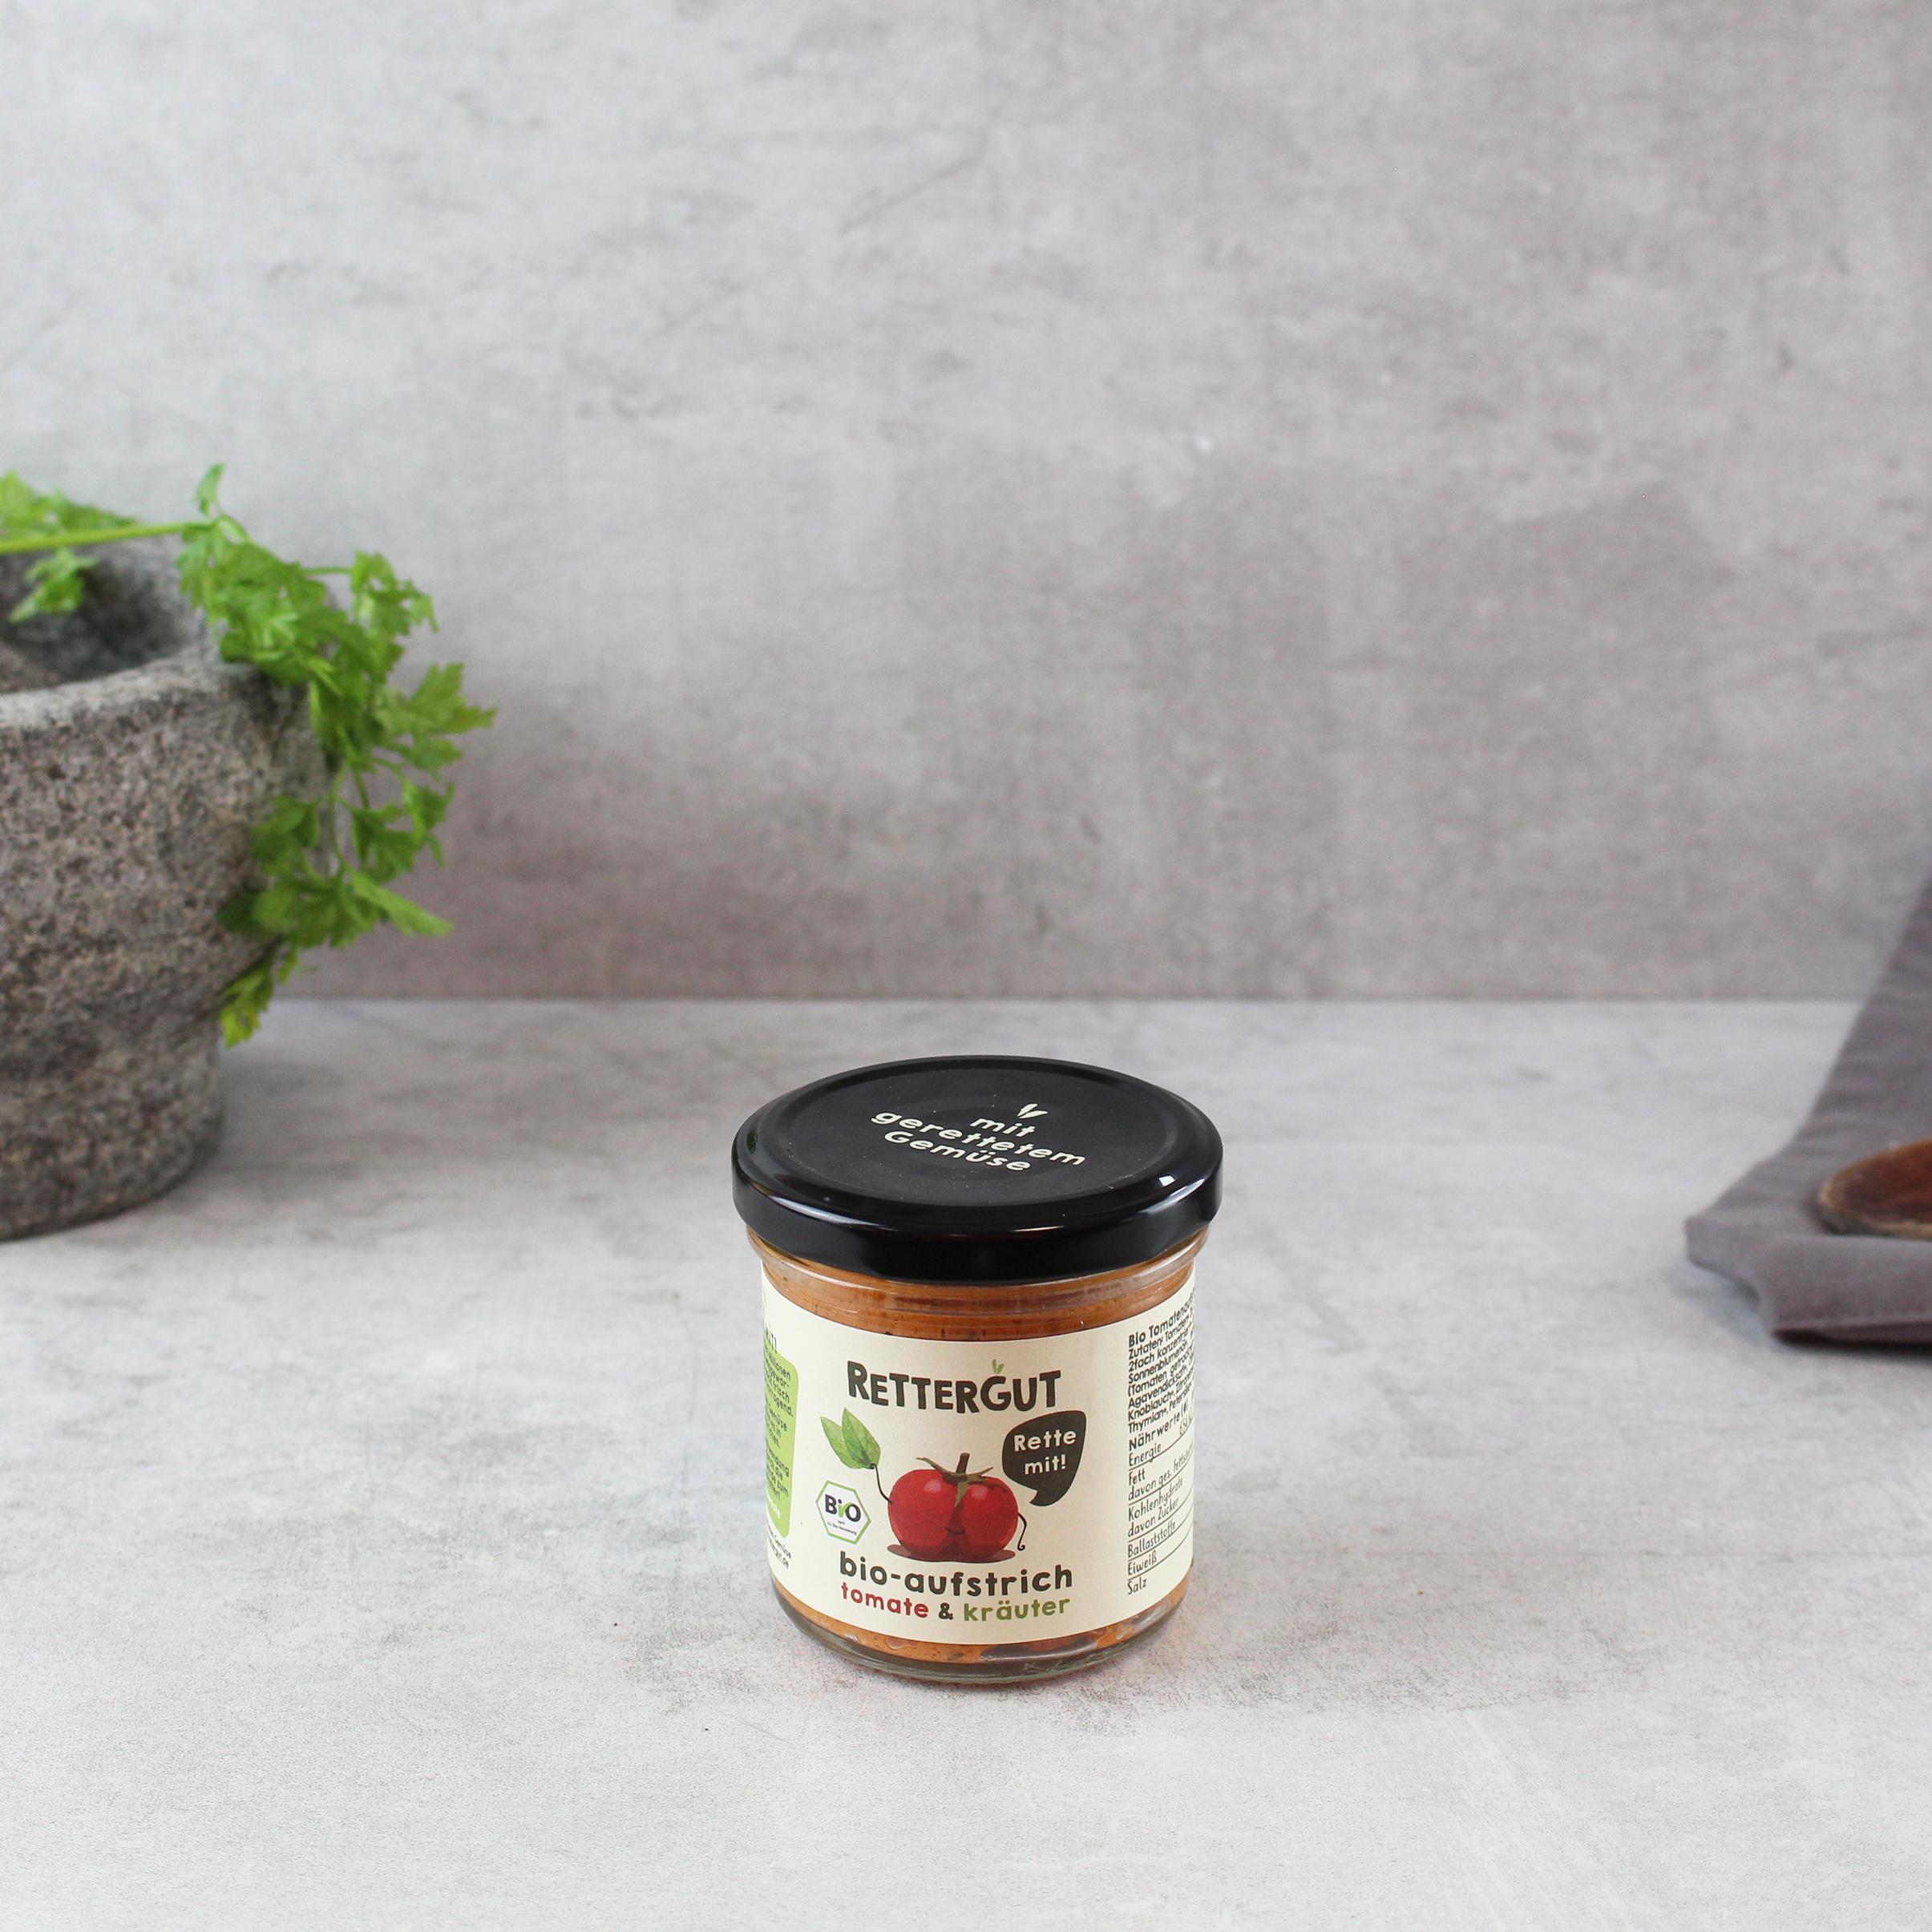 Aufstrich Tomate Kräuter BIO Rettergut